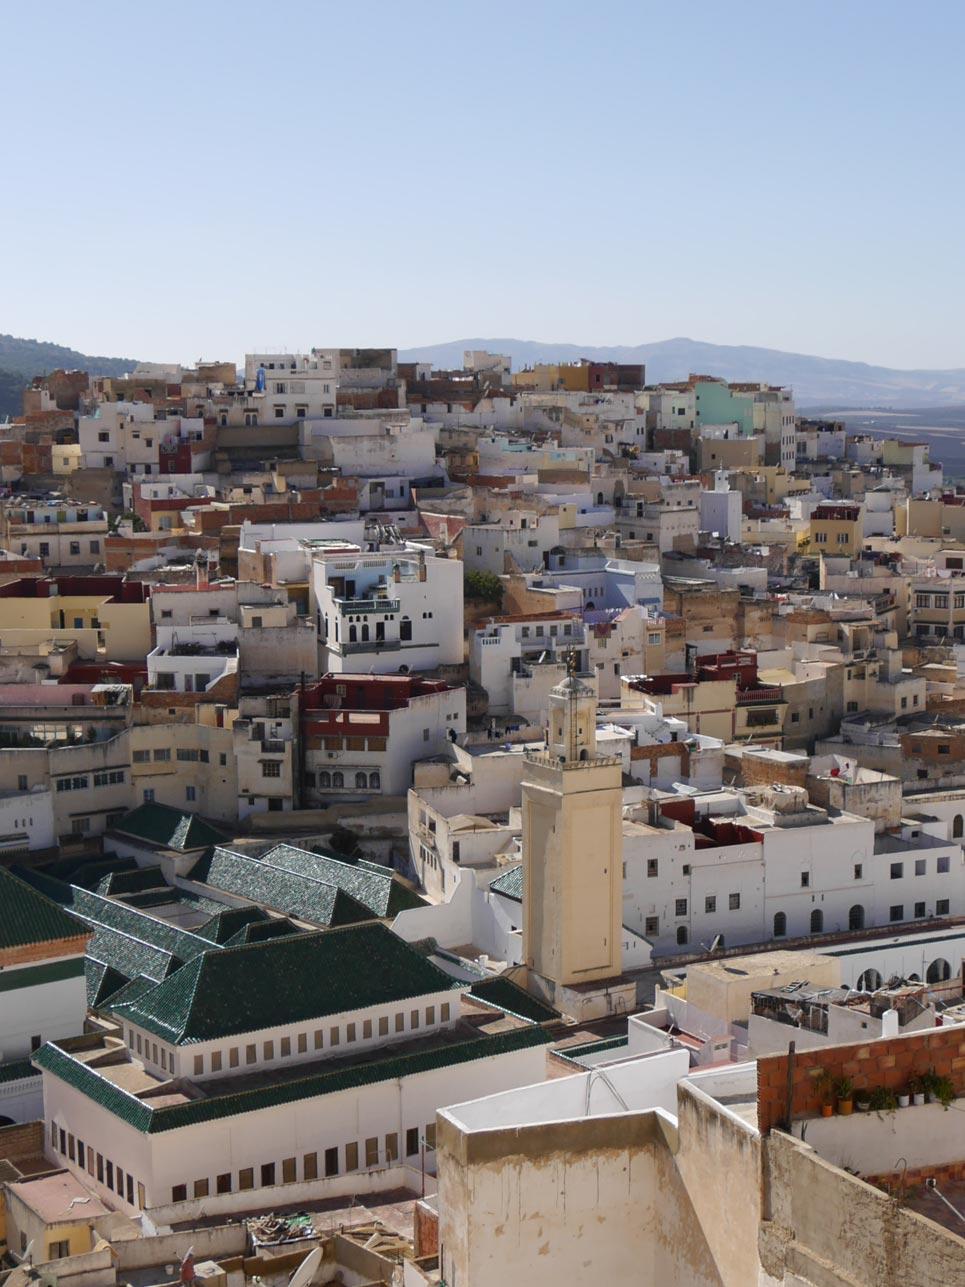 Schnappschuss des Tages: Ausblick auf die Medina von Molay Idriss